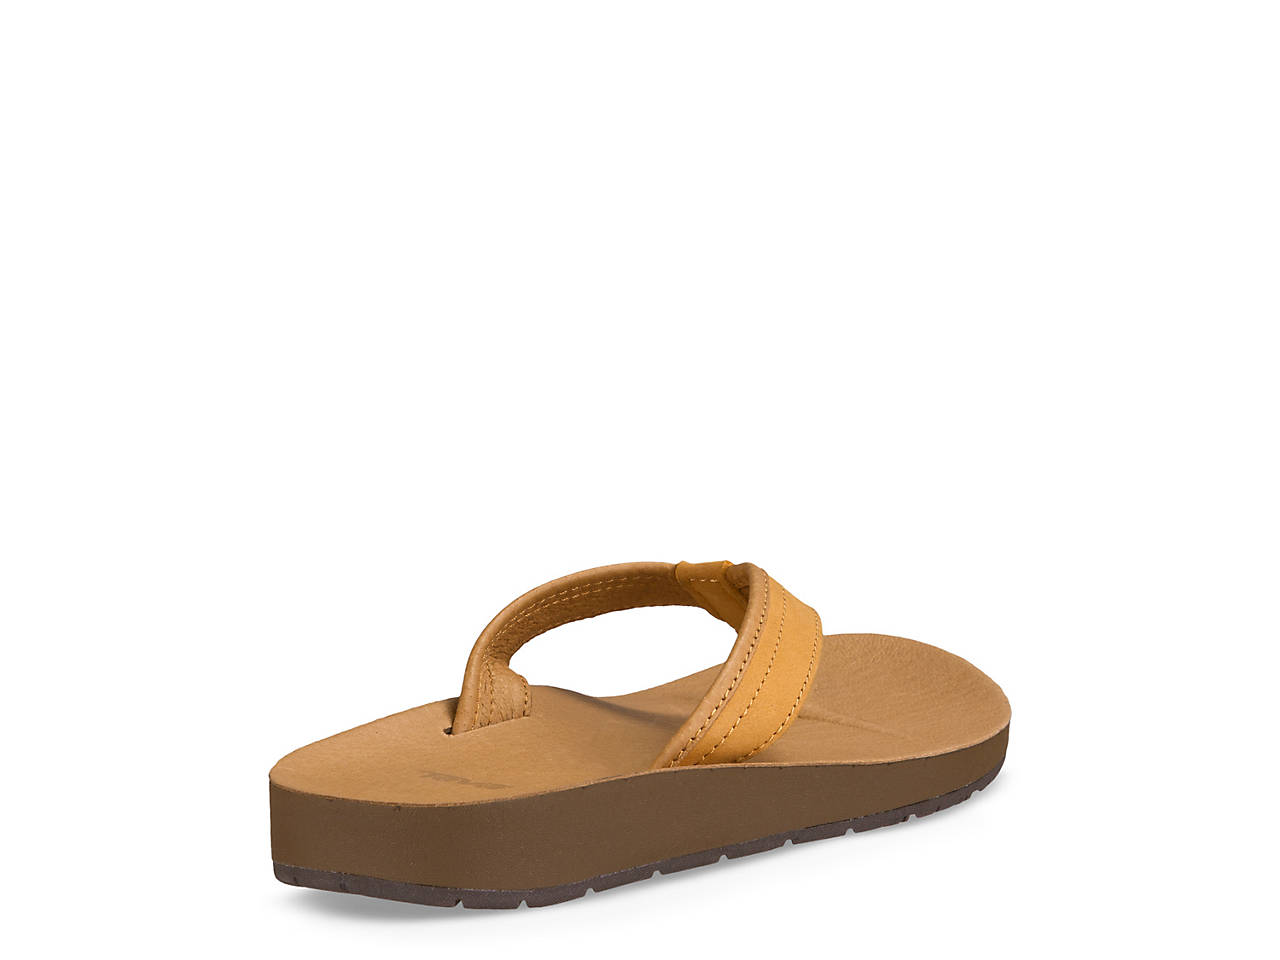 ce9322e27205d0 Teva Azure Leather Flip Flop Women s Shoes